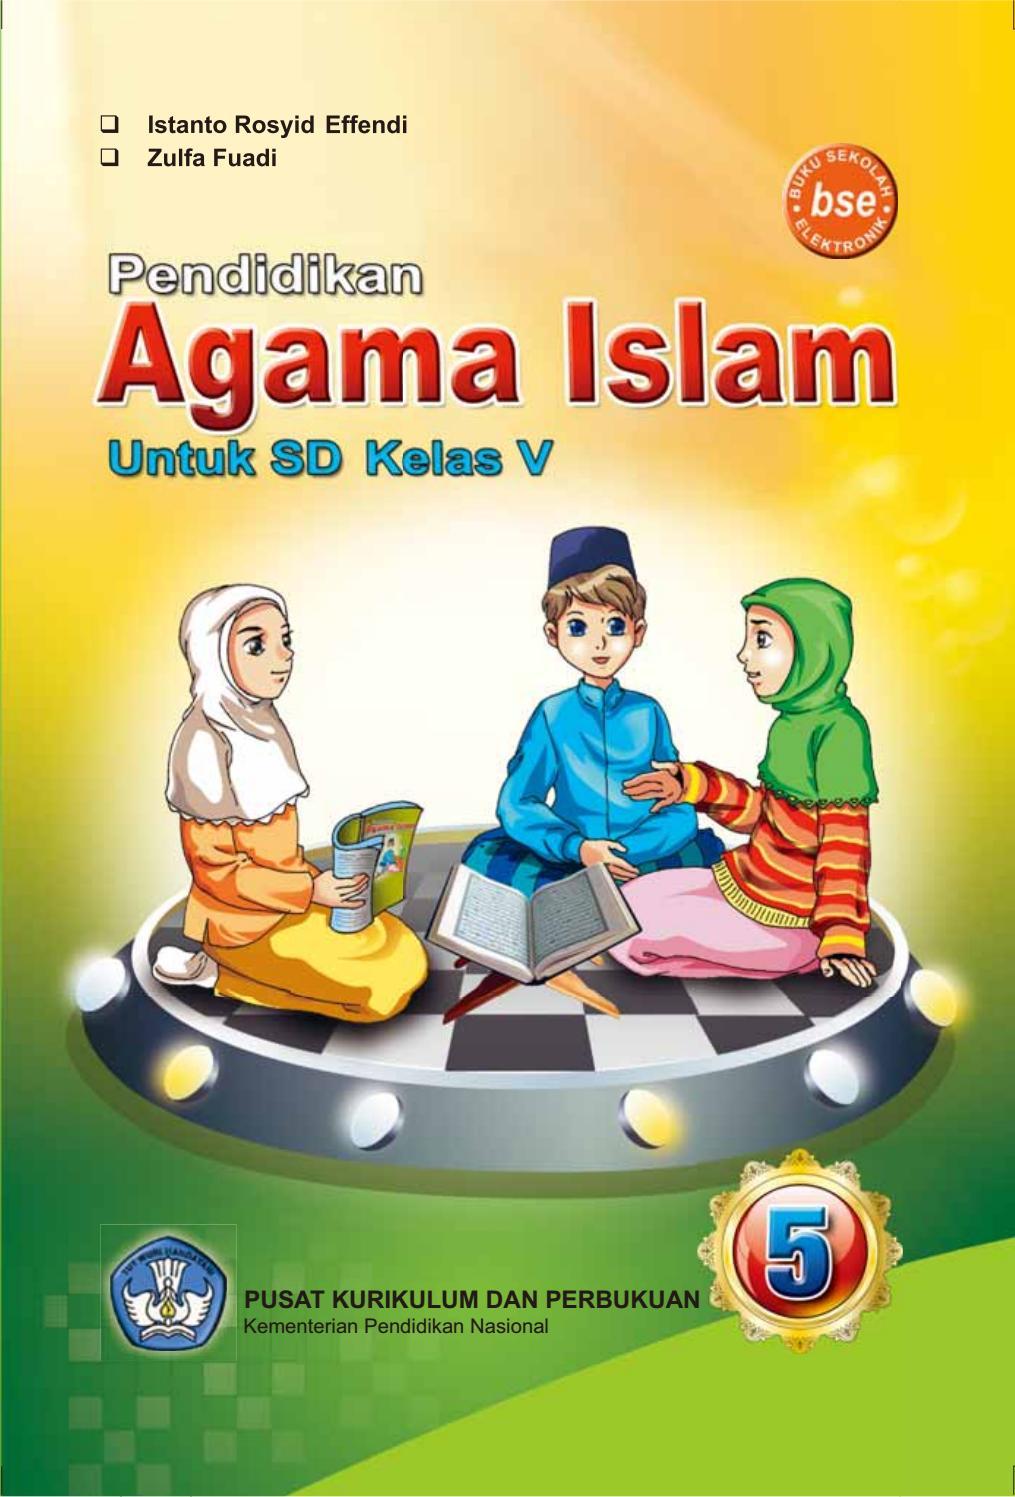 Pendidikan agama islam kelas 5 istanto rosyid effendi dan